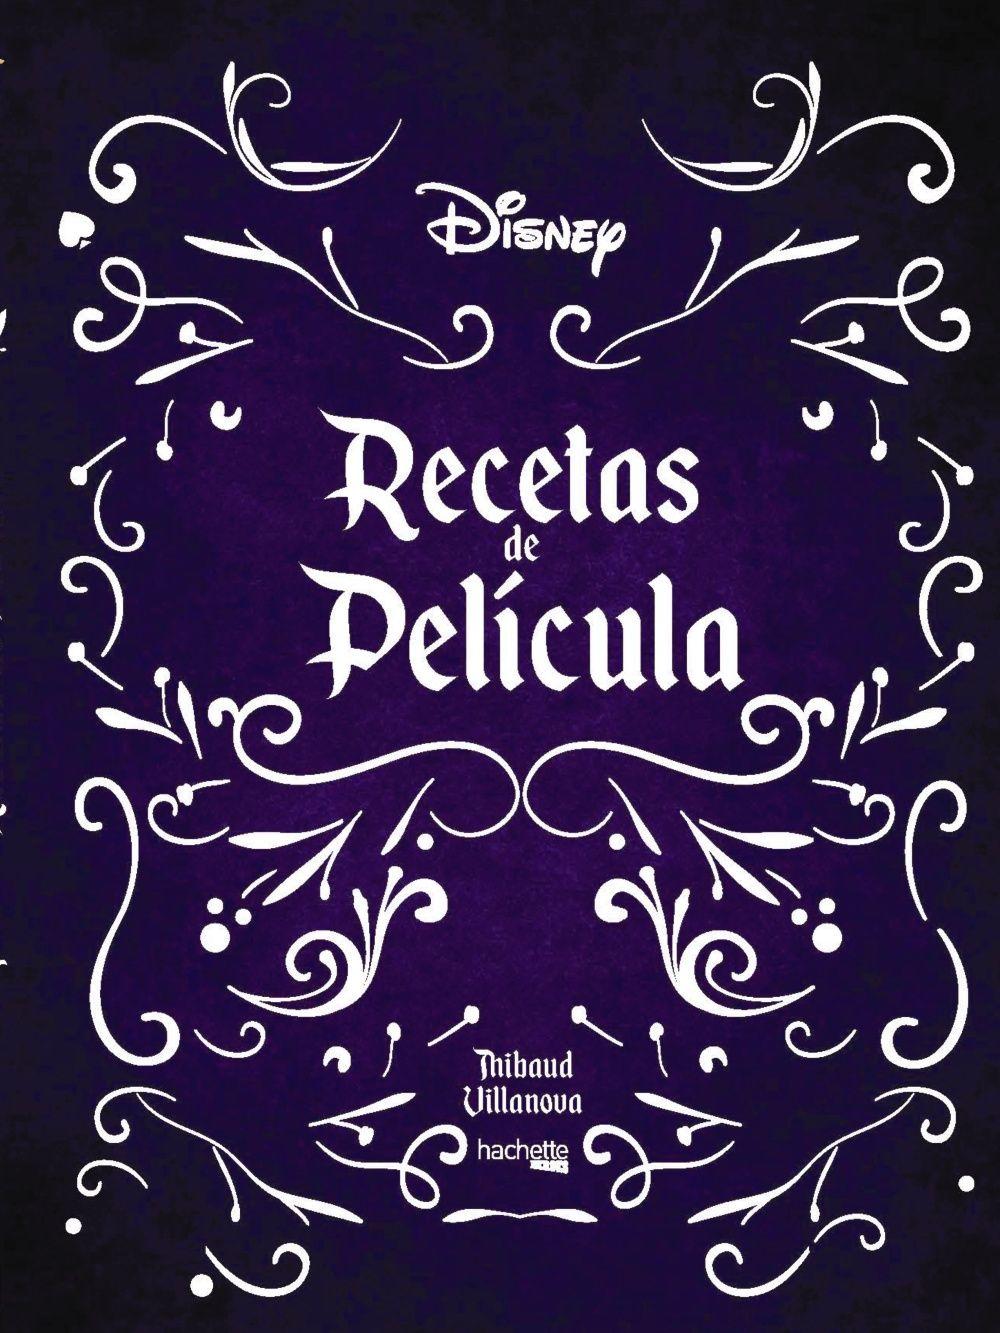 RECETAS DE PELICULA - DISNEY